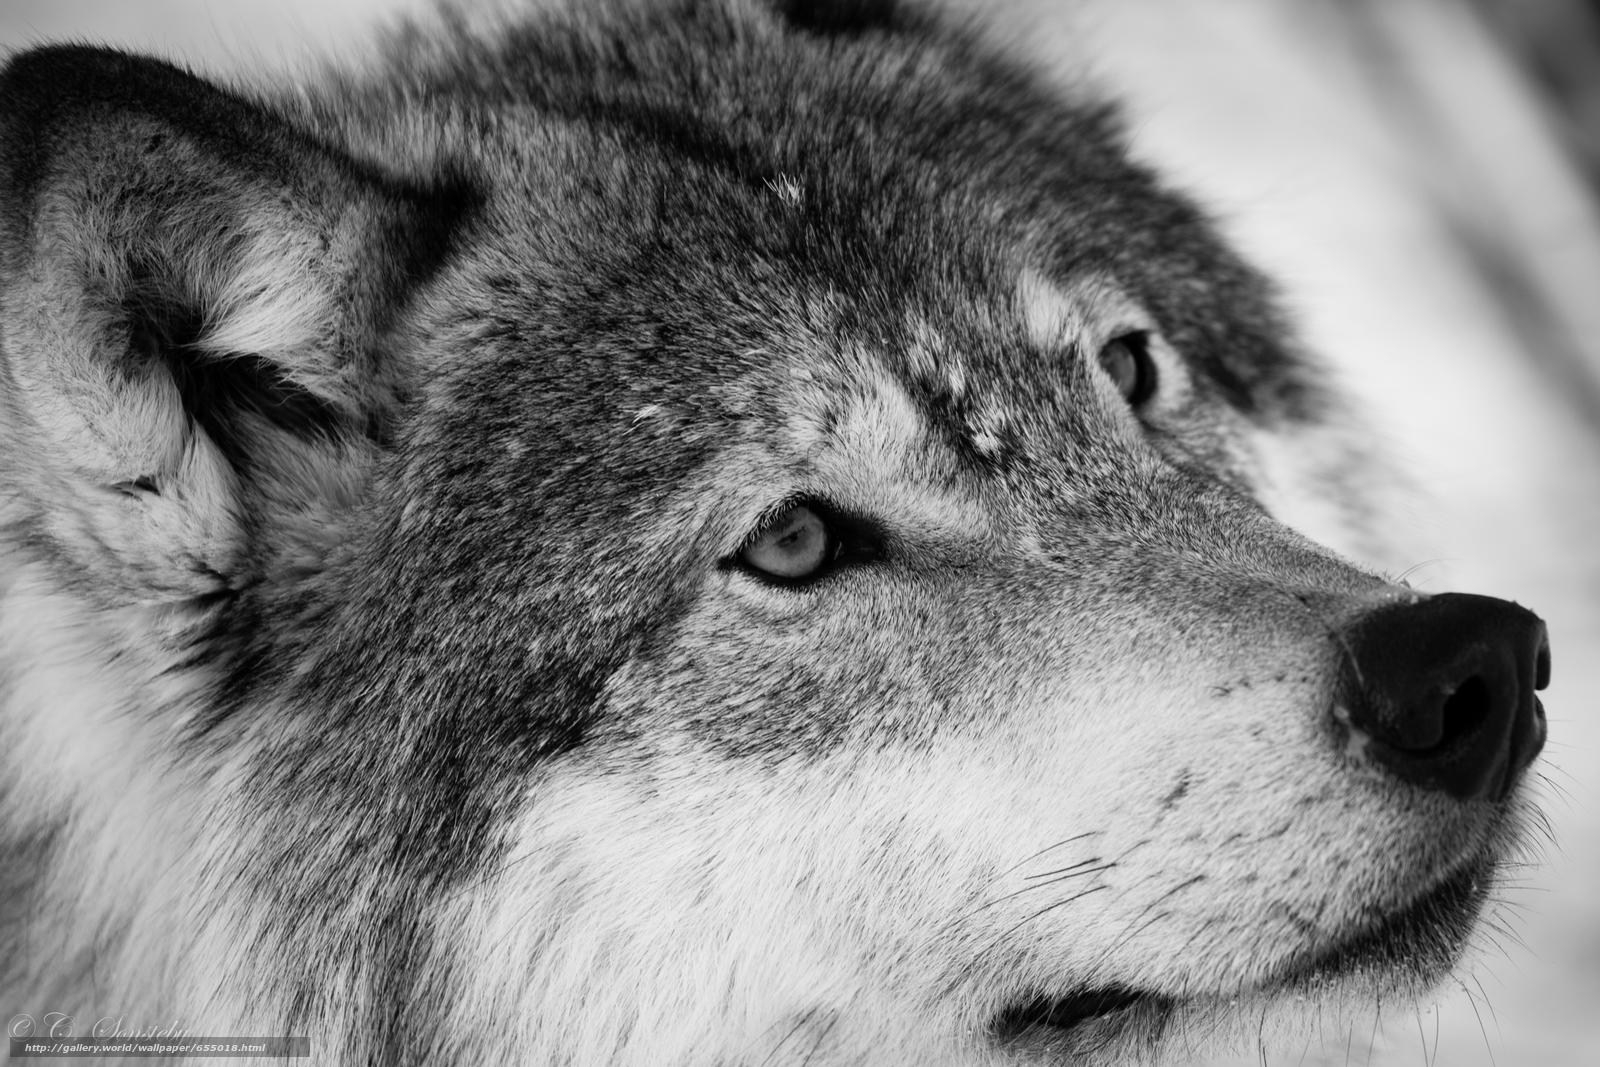 pobra tapety wilk,  Wolves,  zwierzęta,  zima Darmowe tapety na pulpit rozdzielczoci 5760x3840 — zdjcie №655018